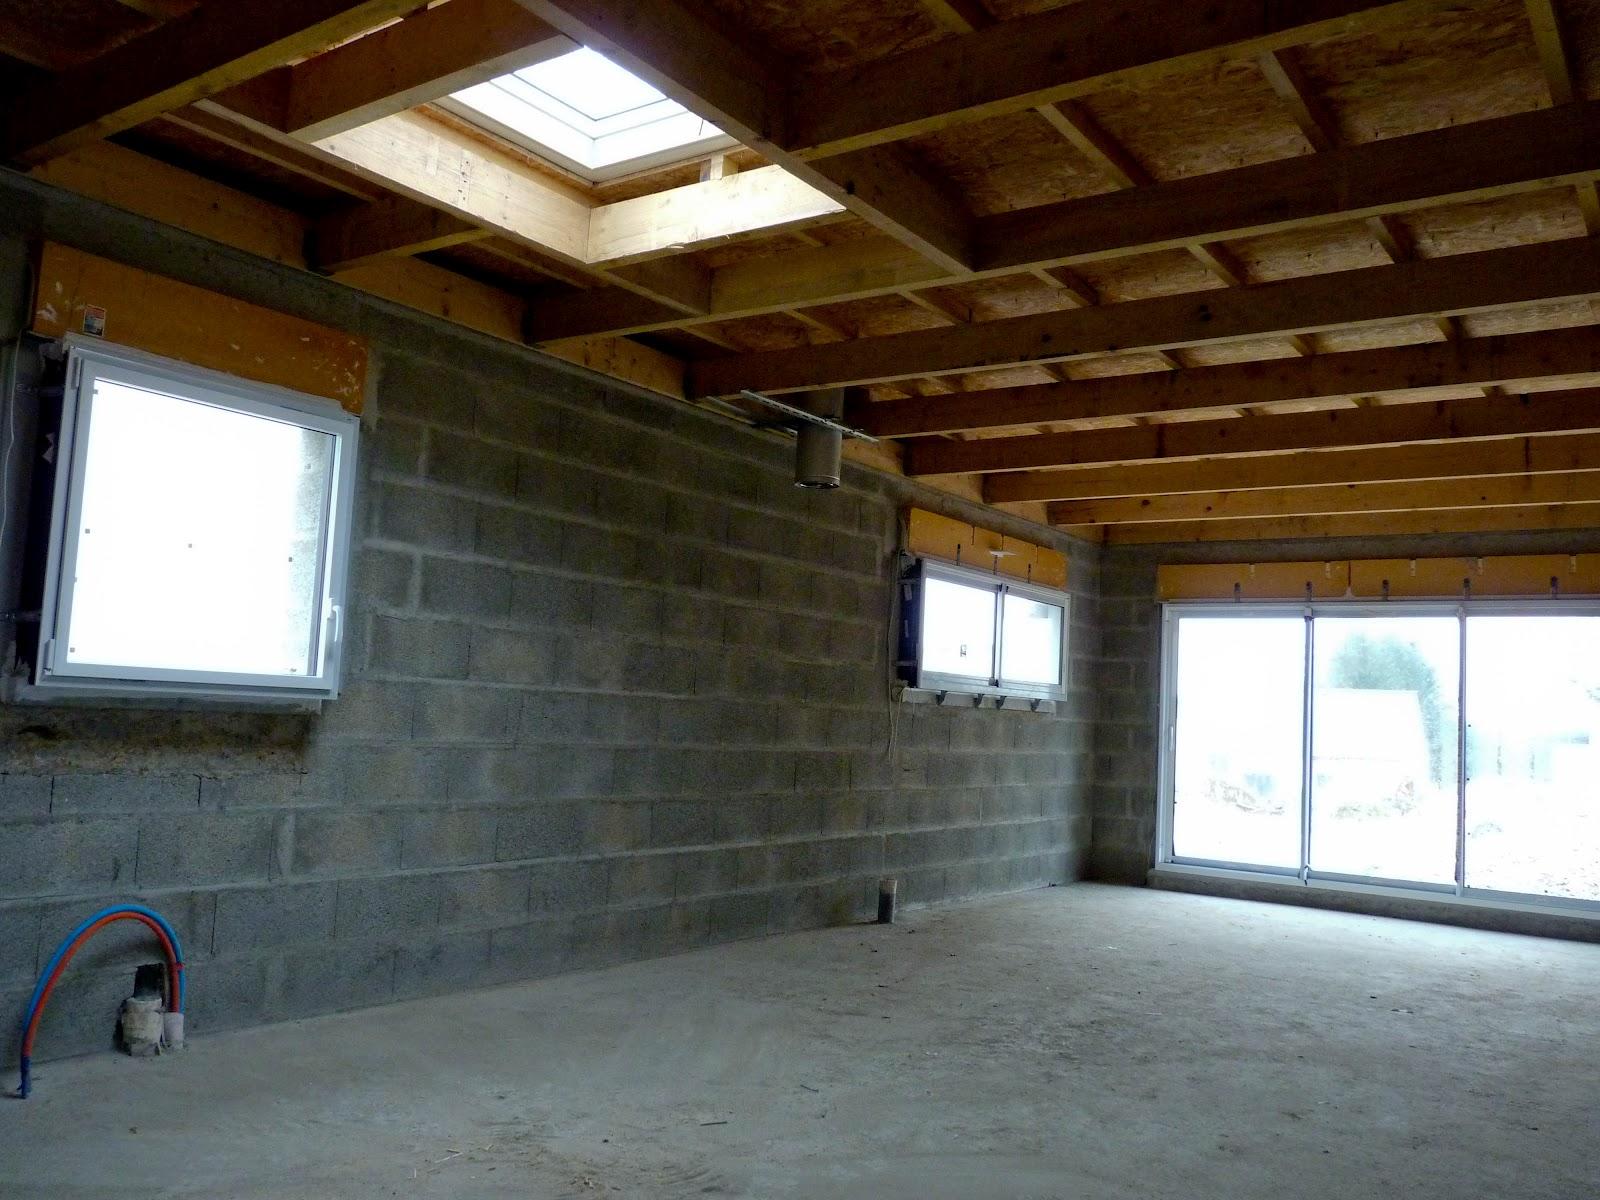 construire l 39 aventure continue puit de lumi re en place. Black Bedroom Furniture Sets. Home Design Ideas